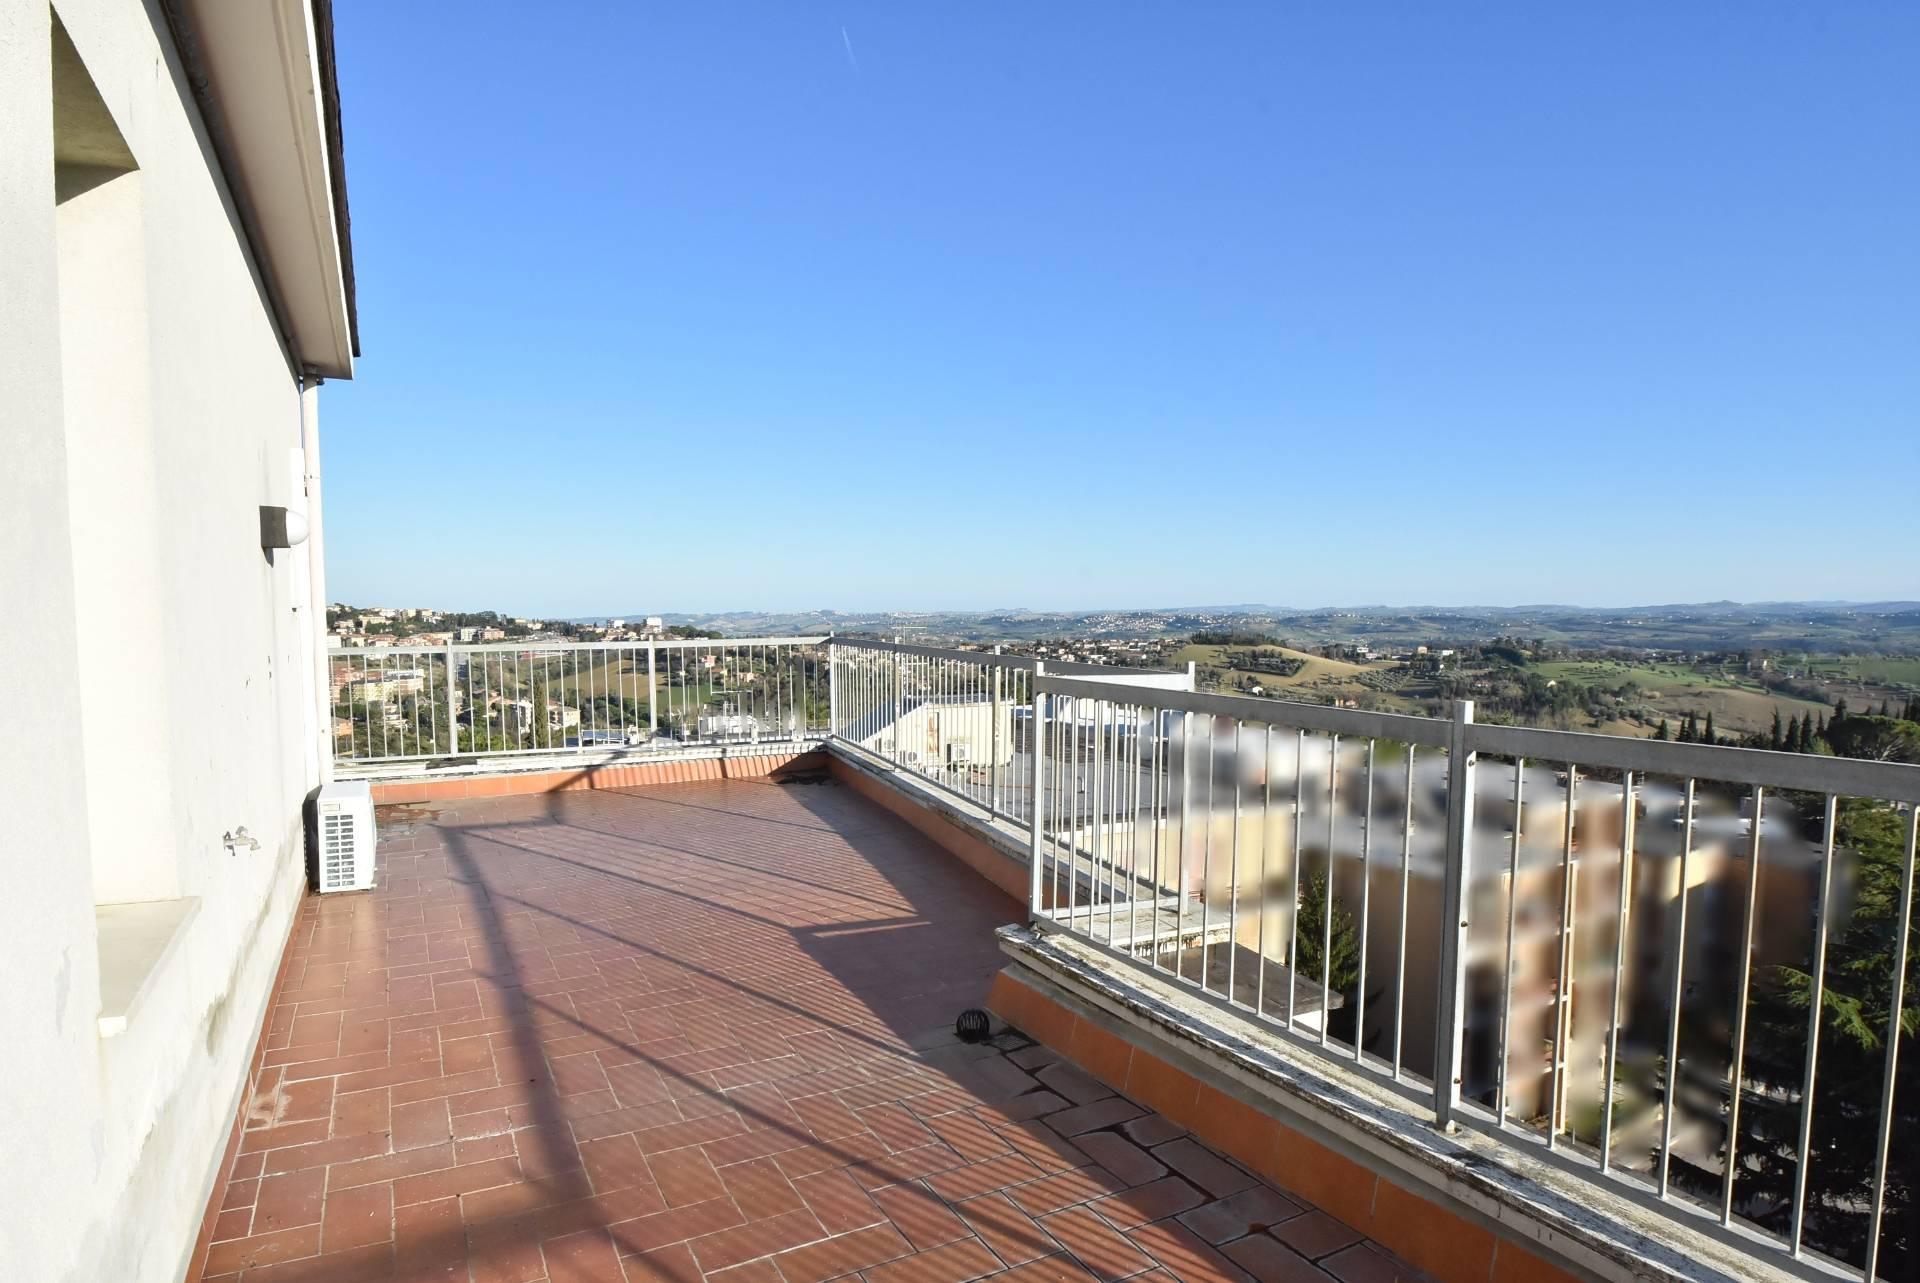 Attico / Mansarda in vendita a Macerata, 10 locali, zona Località: zonaviaSpalato, prezzo € 220.000 | CambioCasa.it